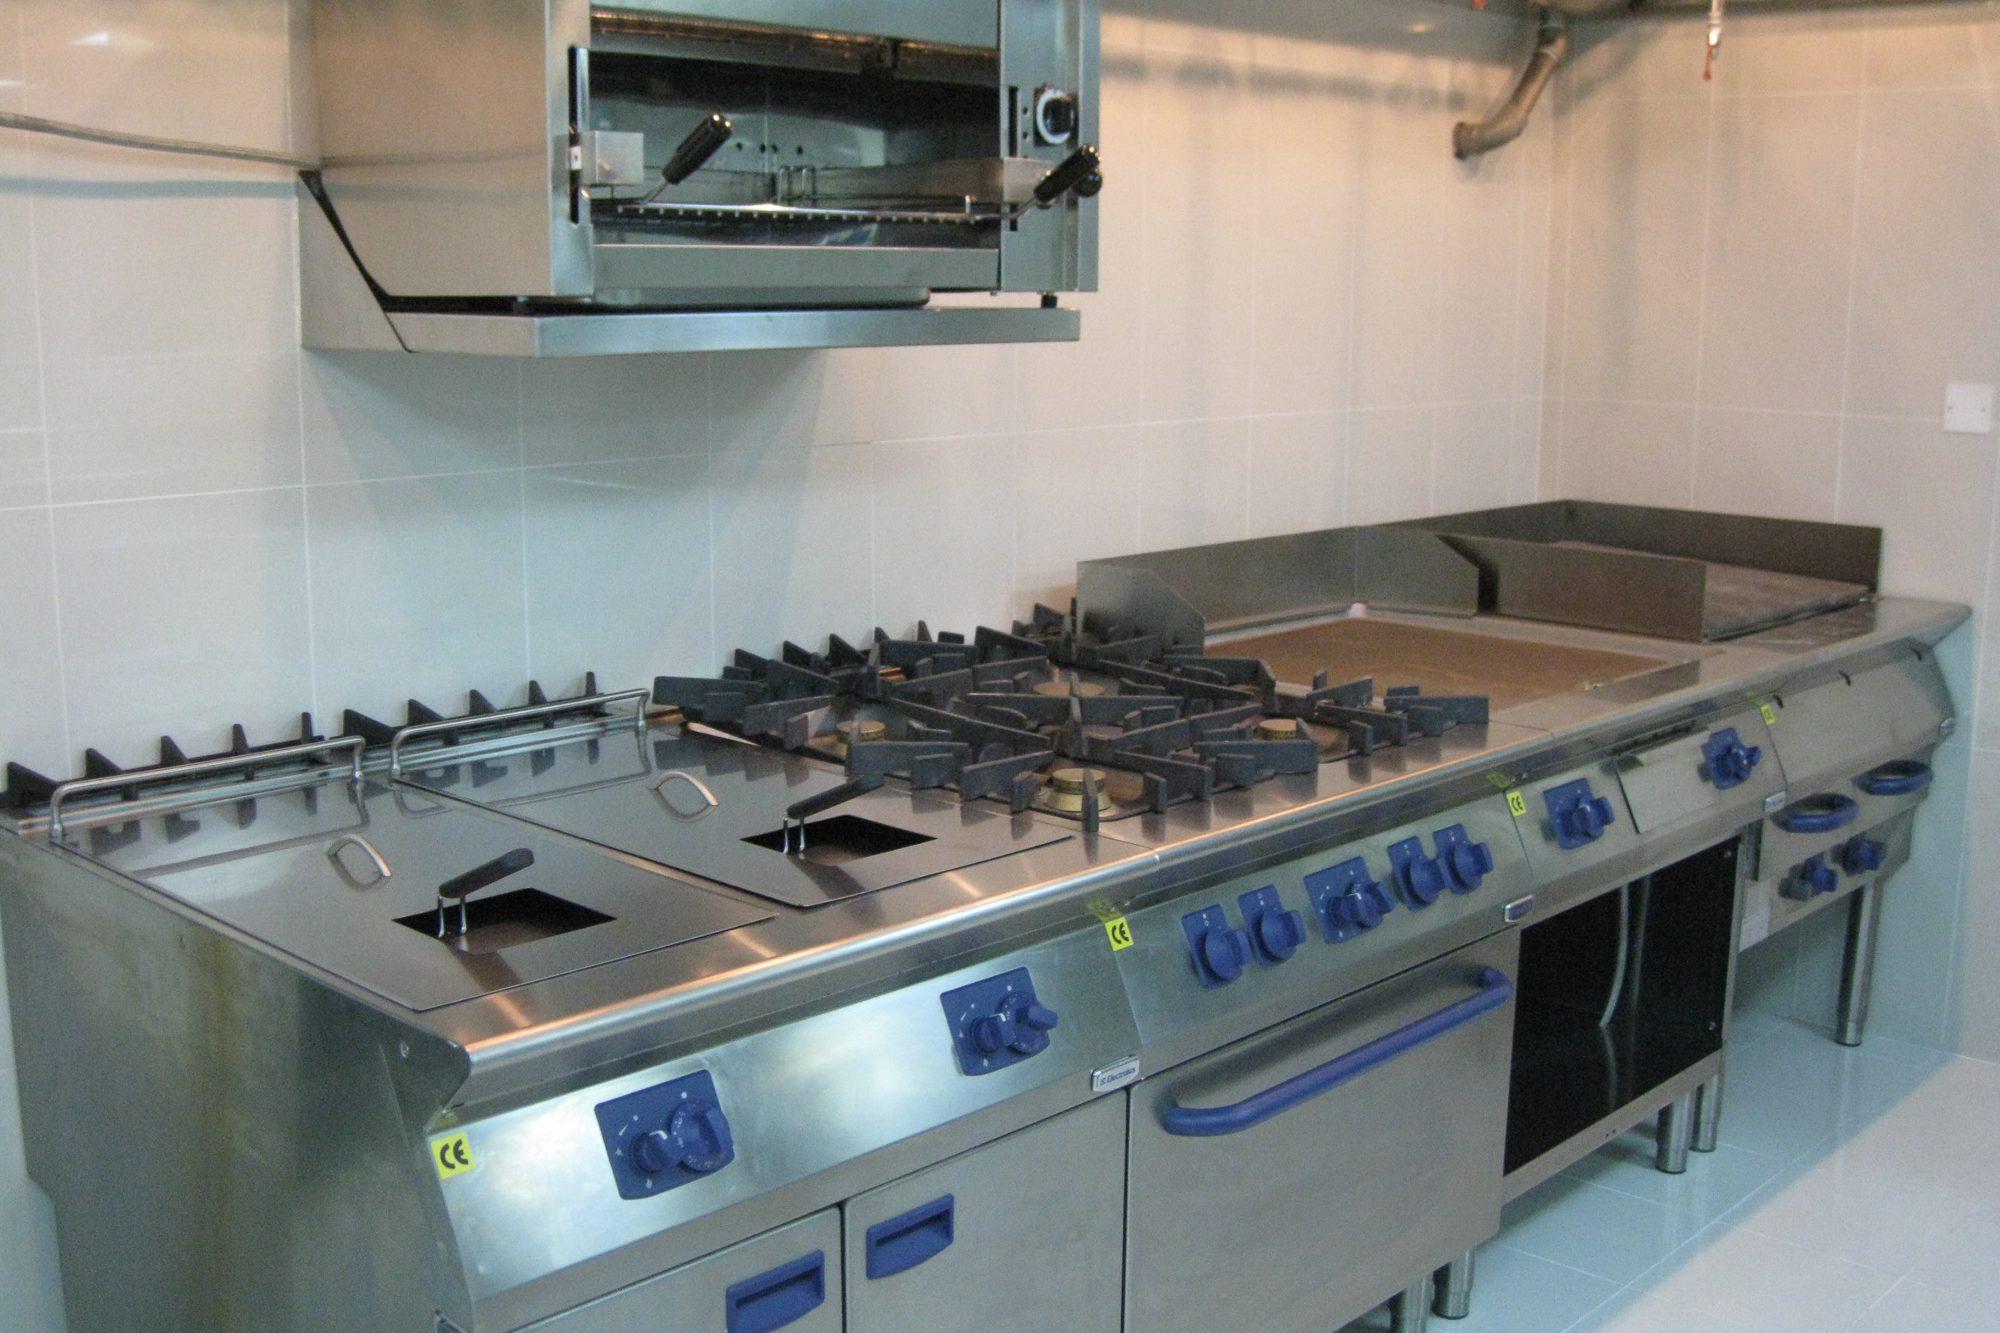 Italia_kitchen_-khotel-3